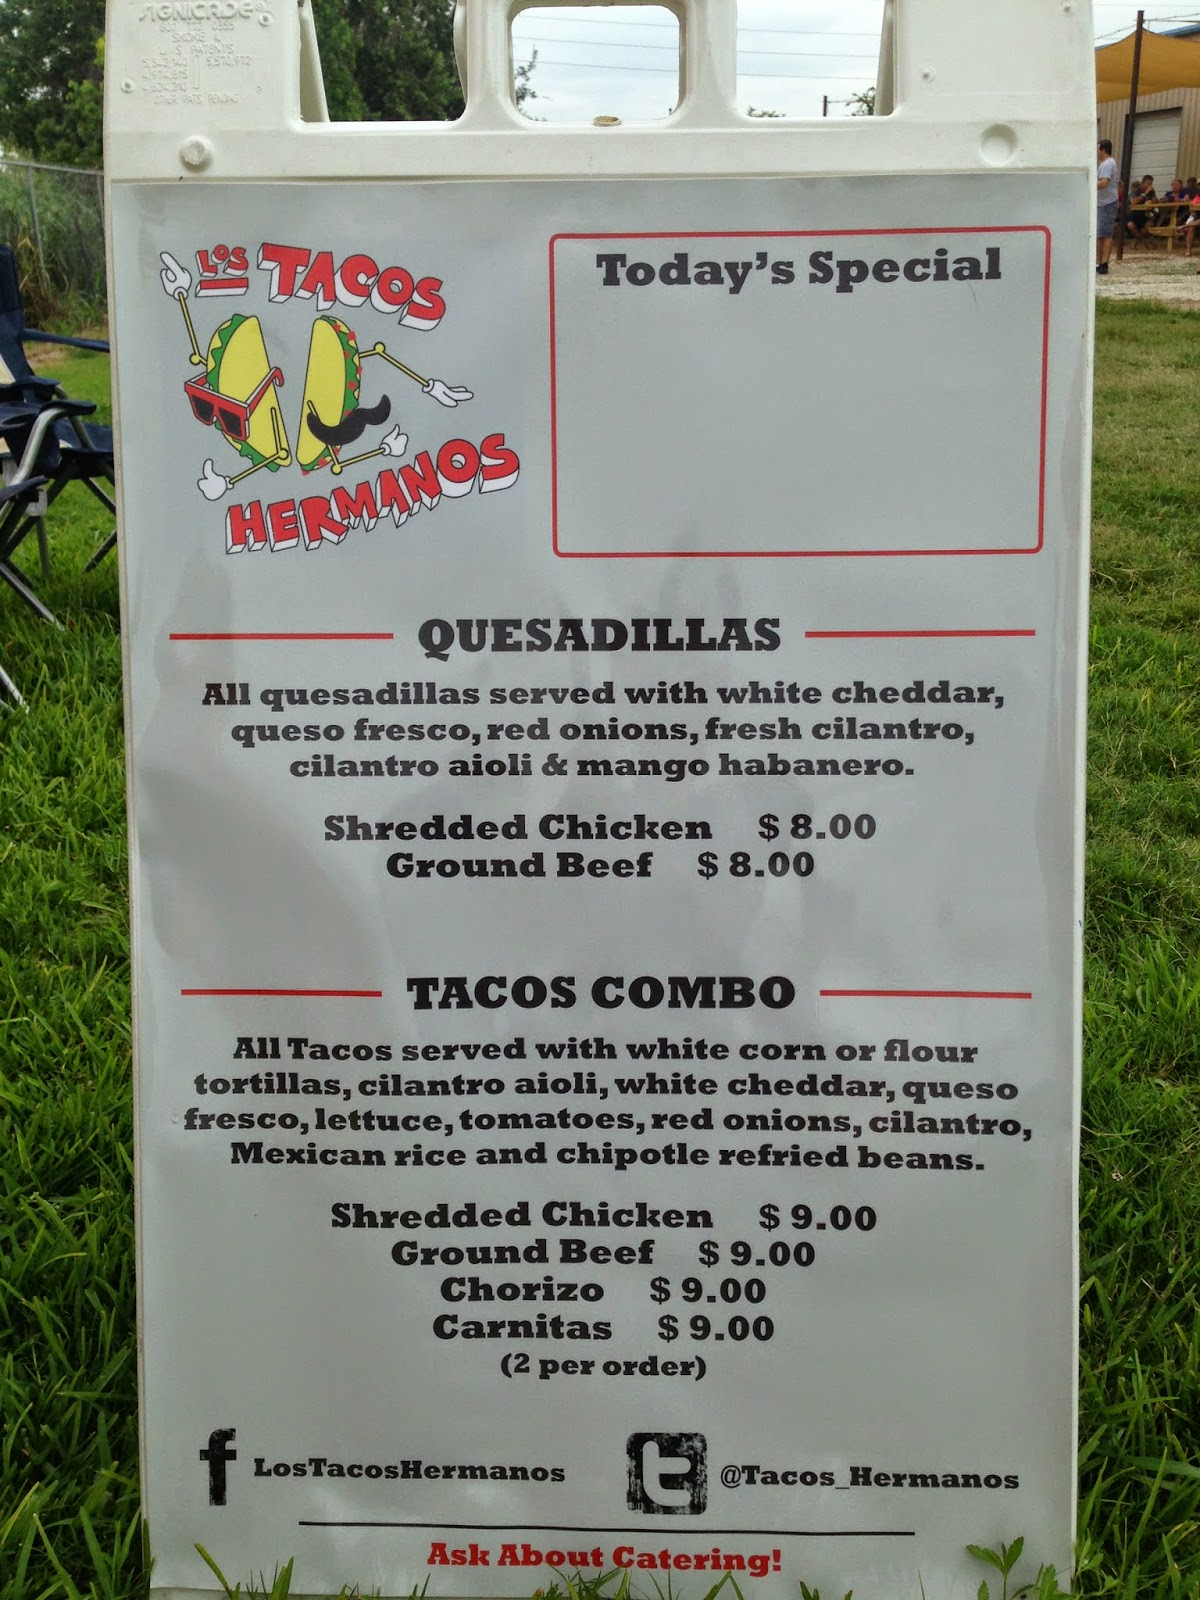 Los Tacos Hermanos Food Truck, Houston TX Menu